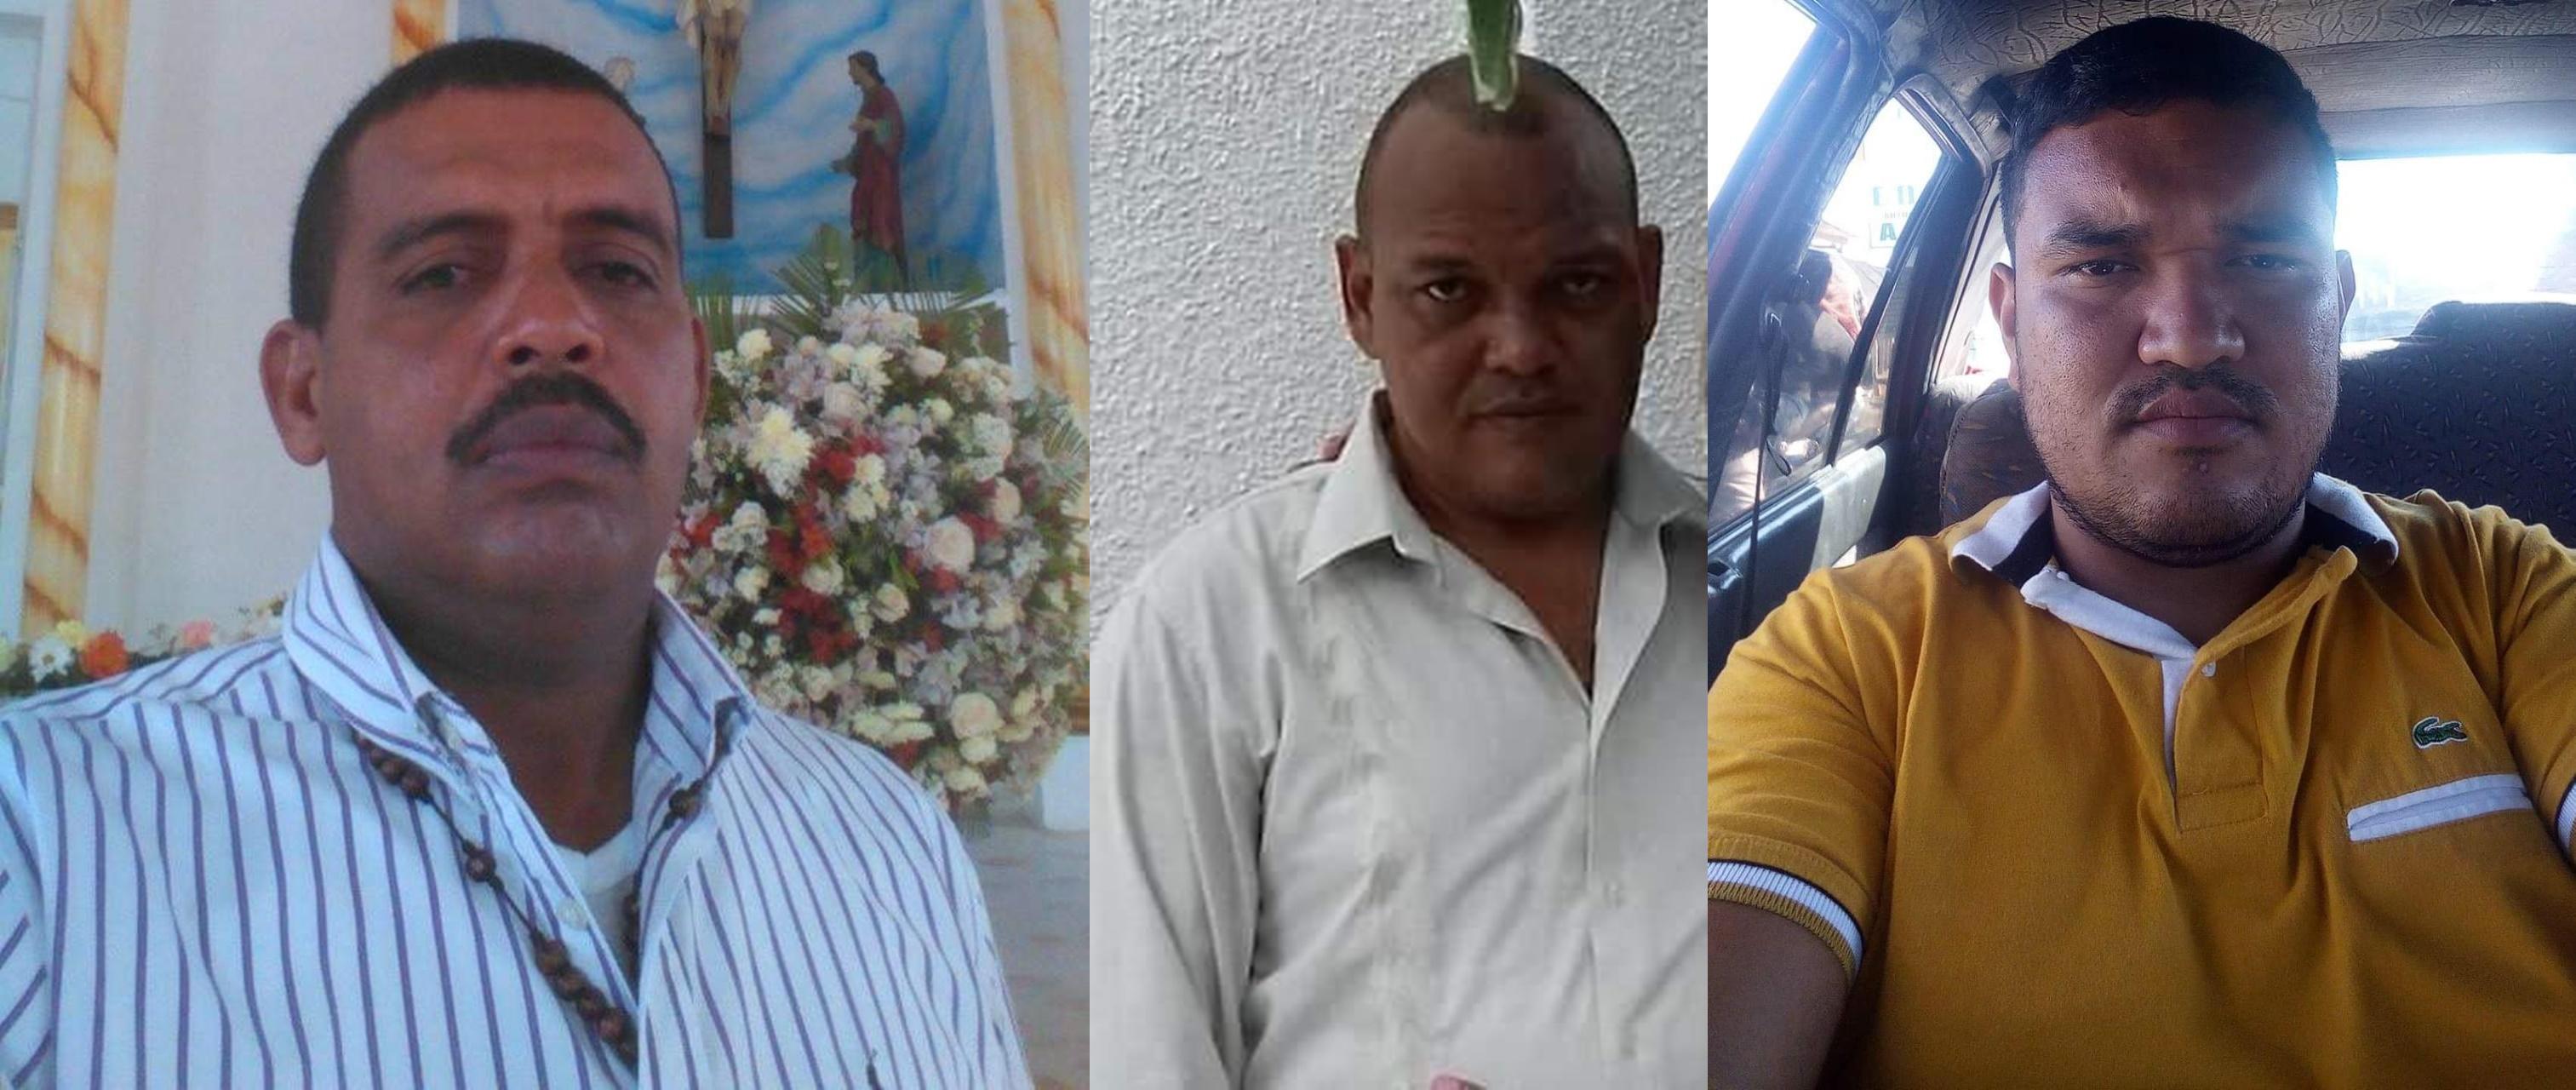 hoyennoticia.com, Al menos tres muertos deja ataque sicarial en Maicao